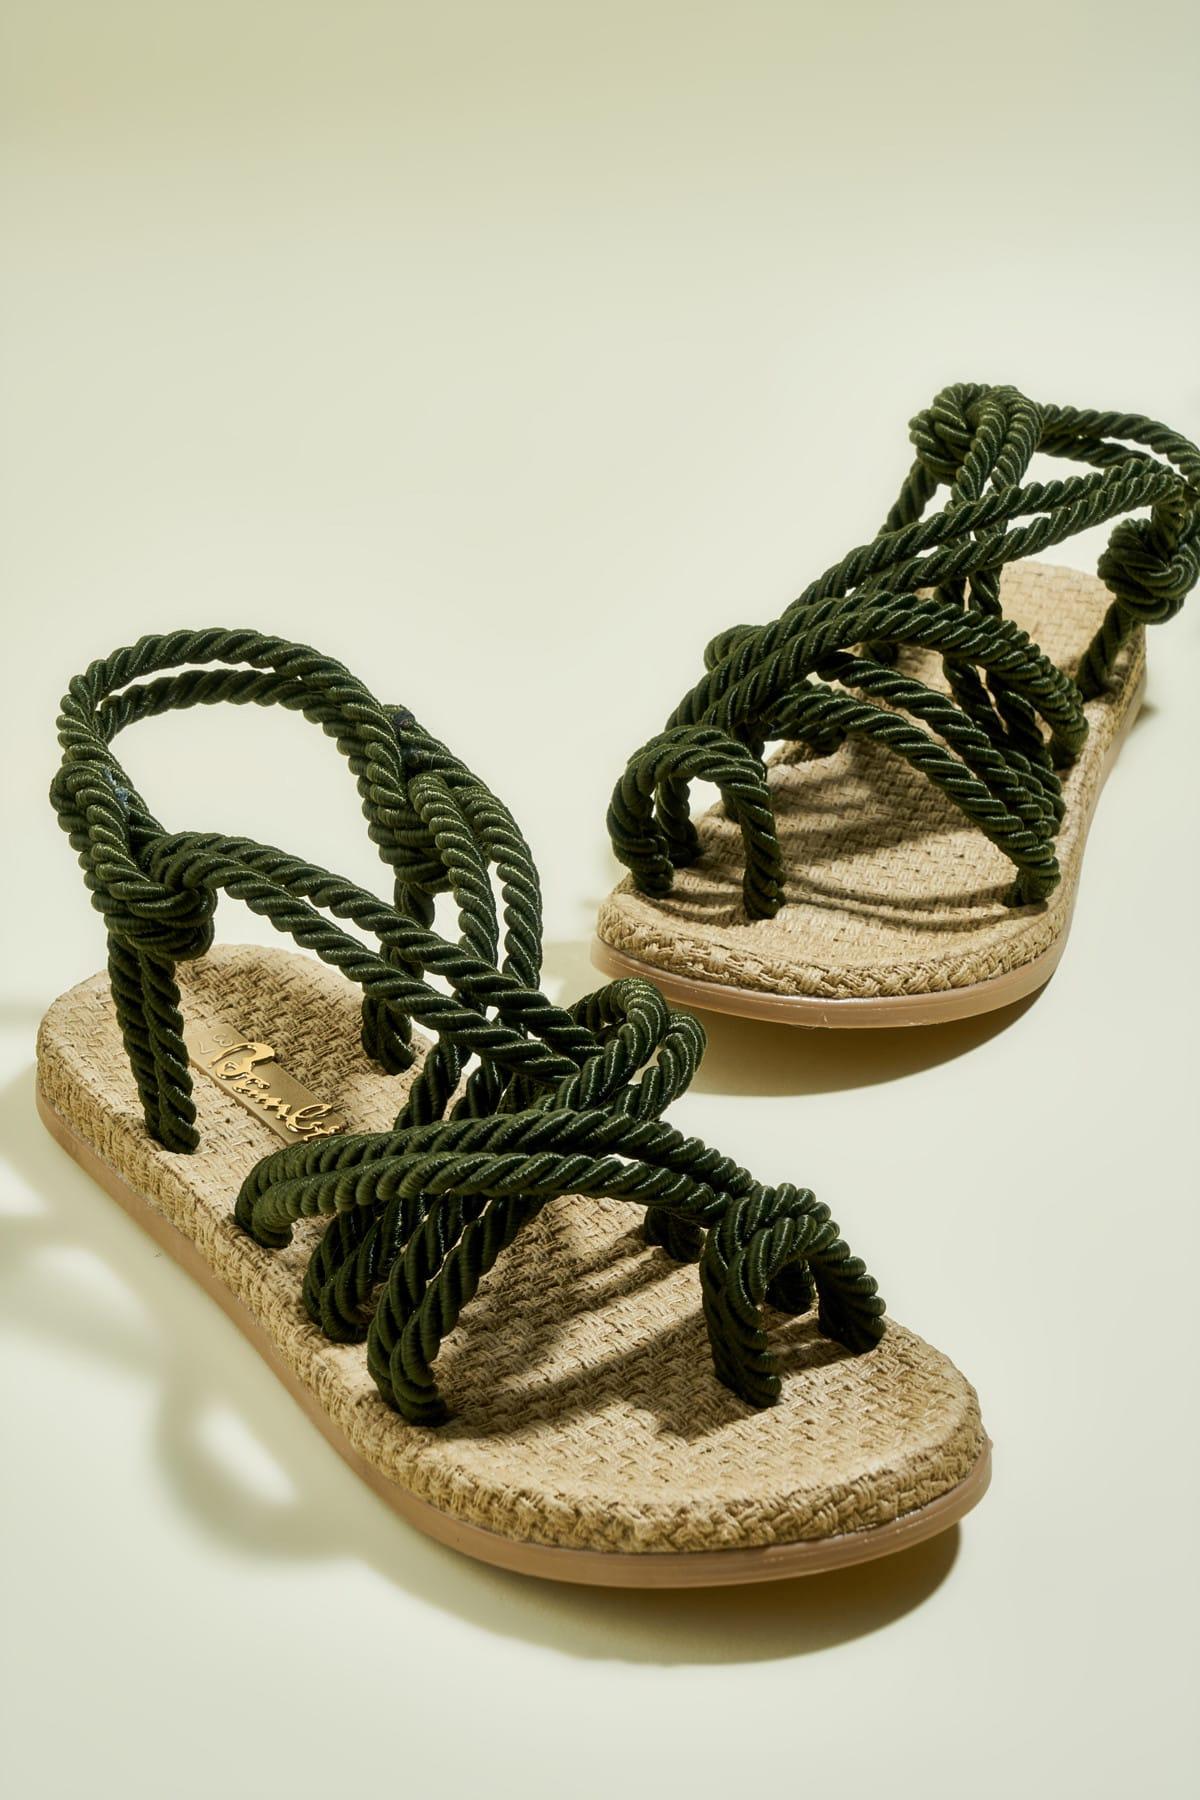 Bambi Haki Kadın Sandalet H05780101 2